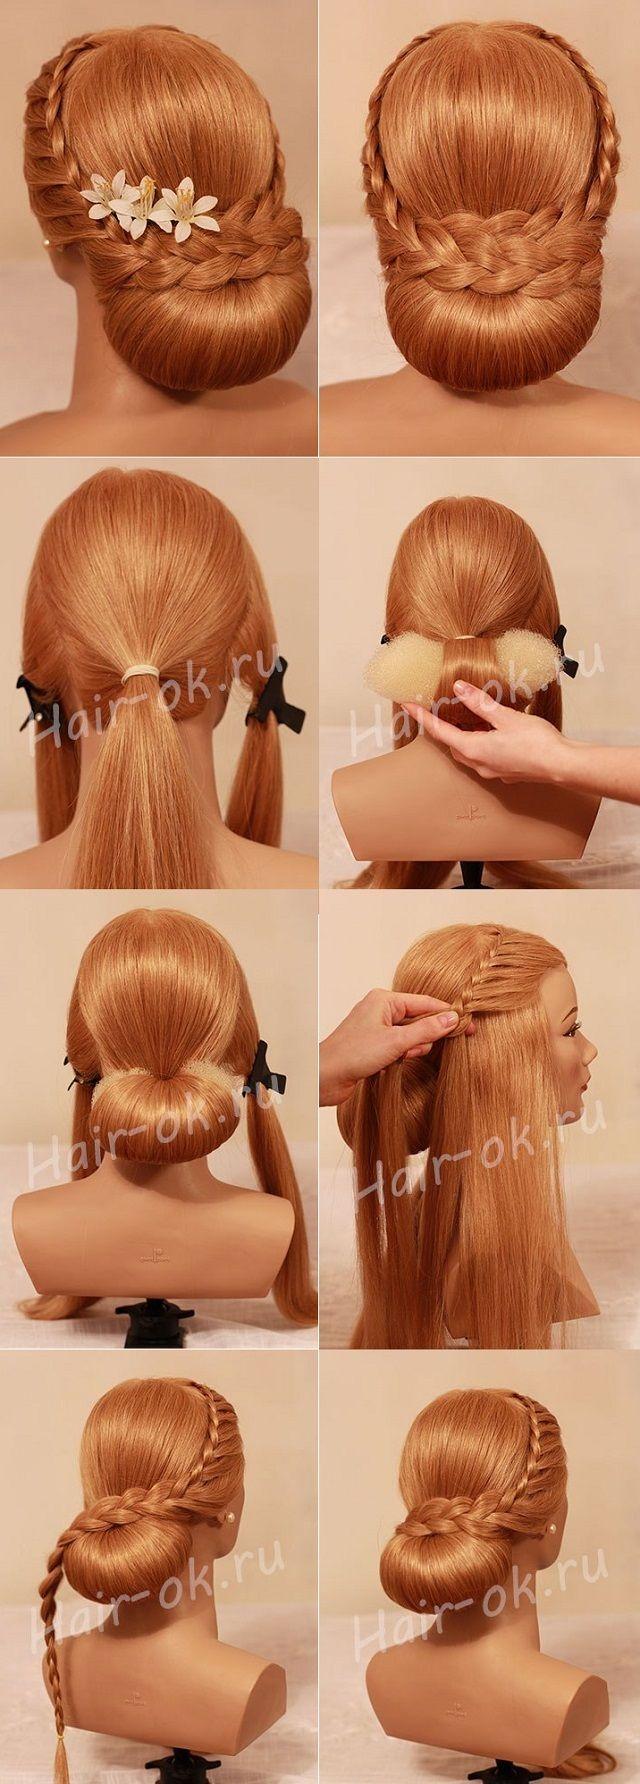 Napravi sama prekrasna svečana frizura frizure makeup